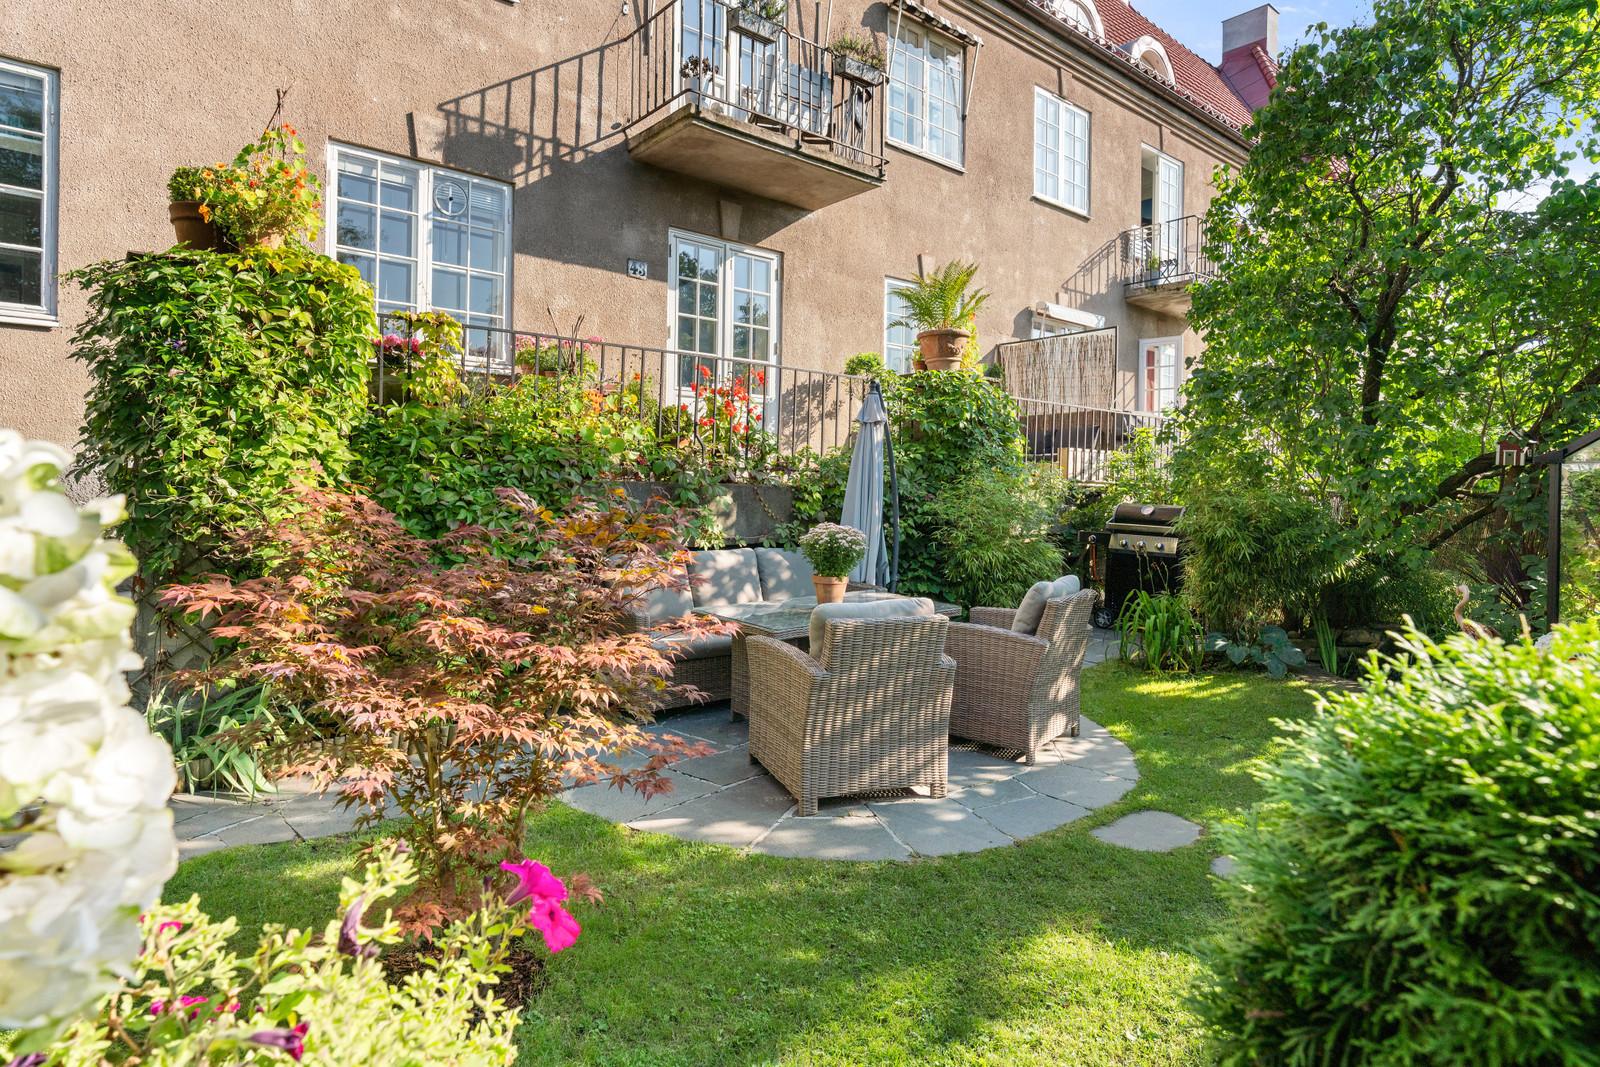 Leiligheten har terrasse og hage rett ut fra stua